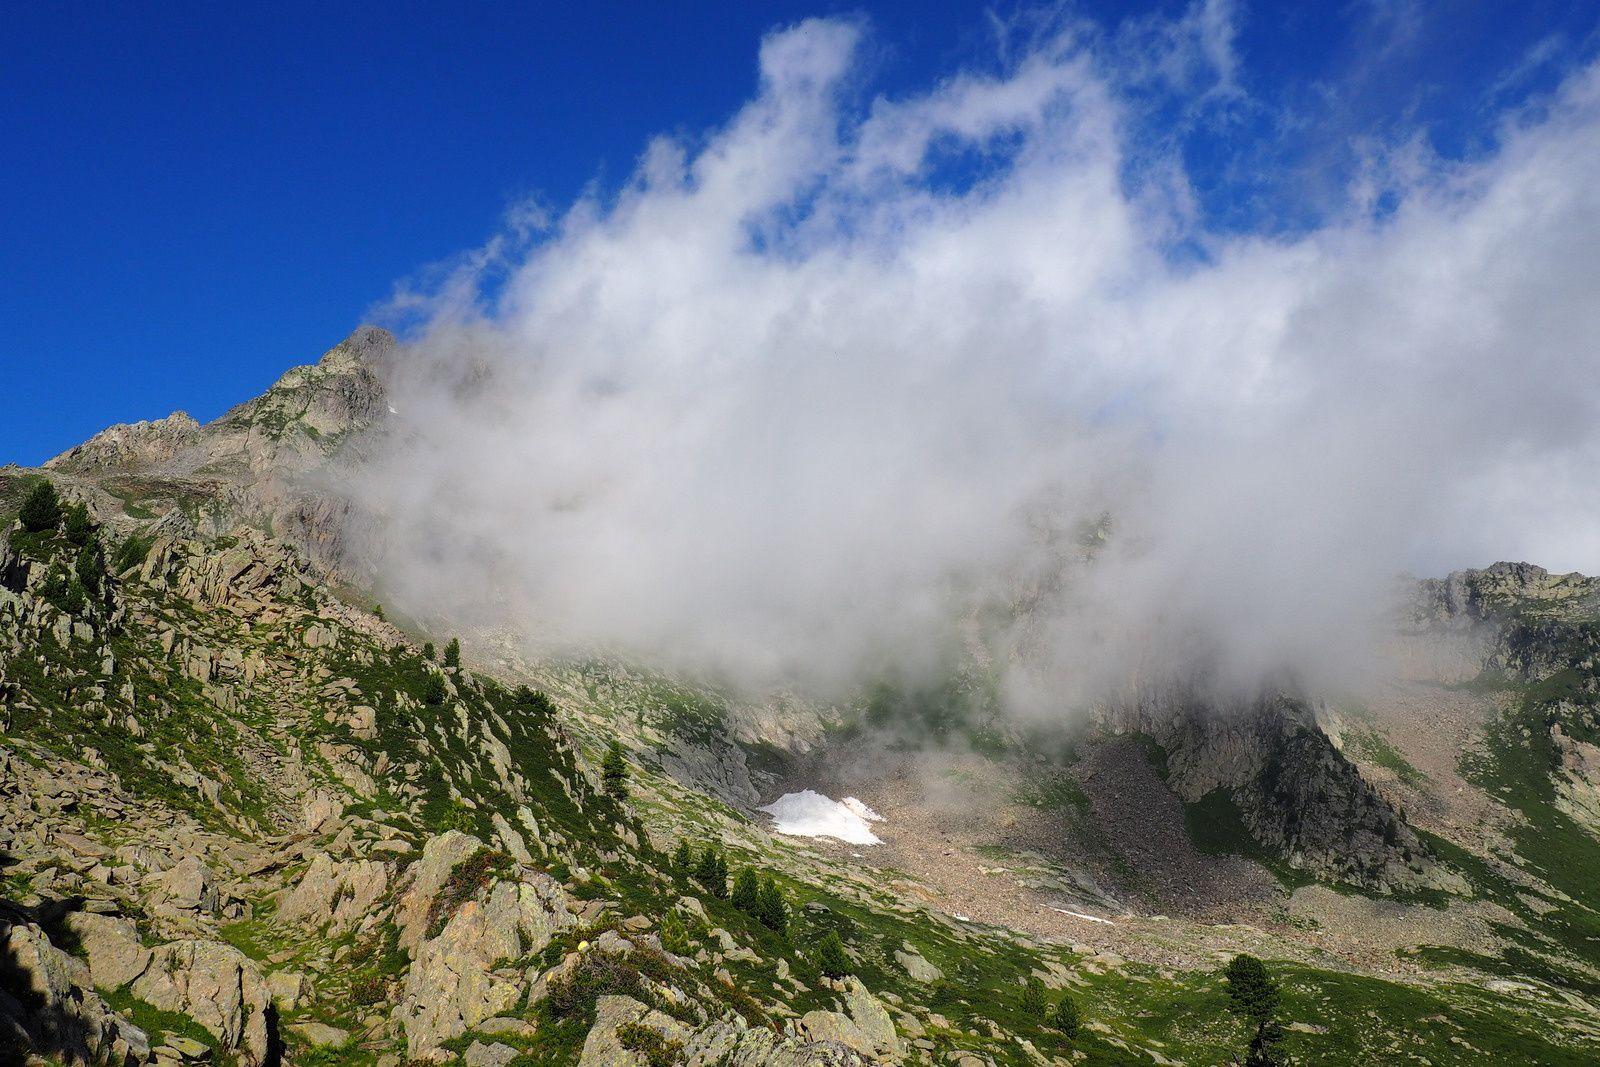 nuage accroché au sommet